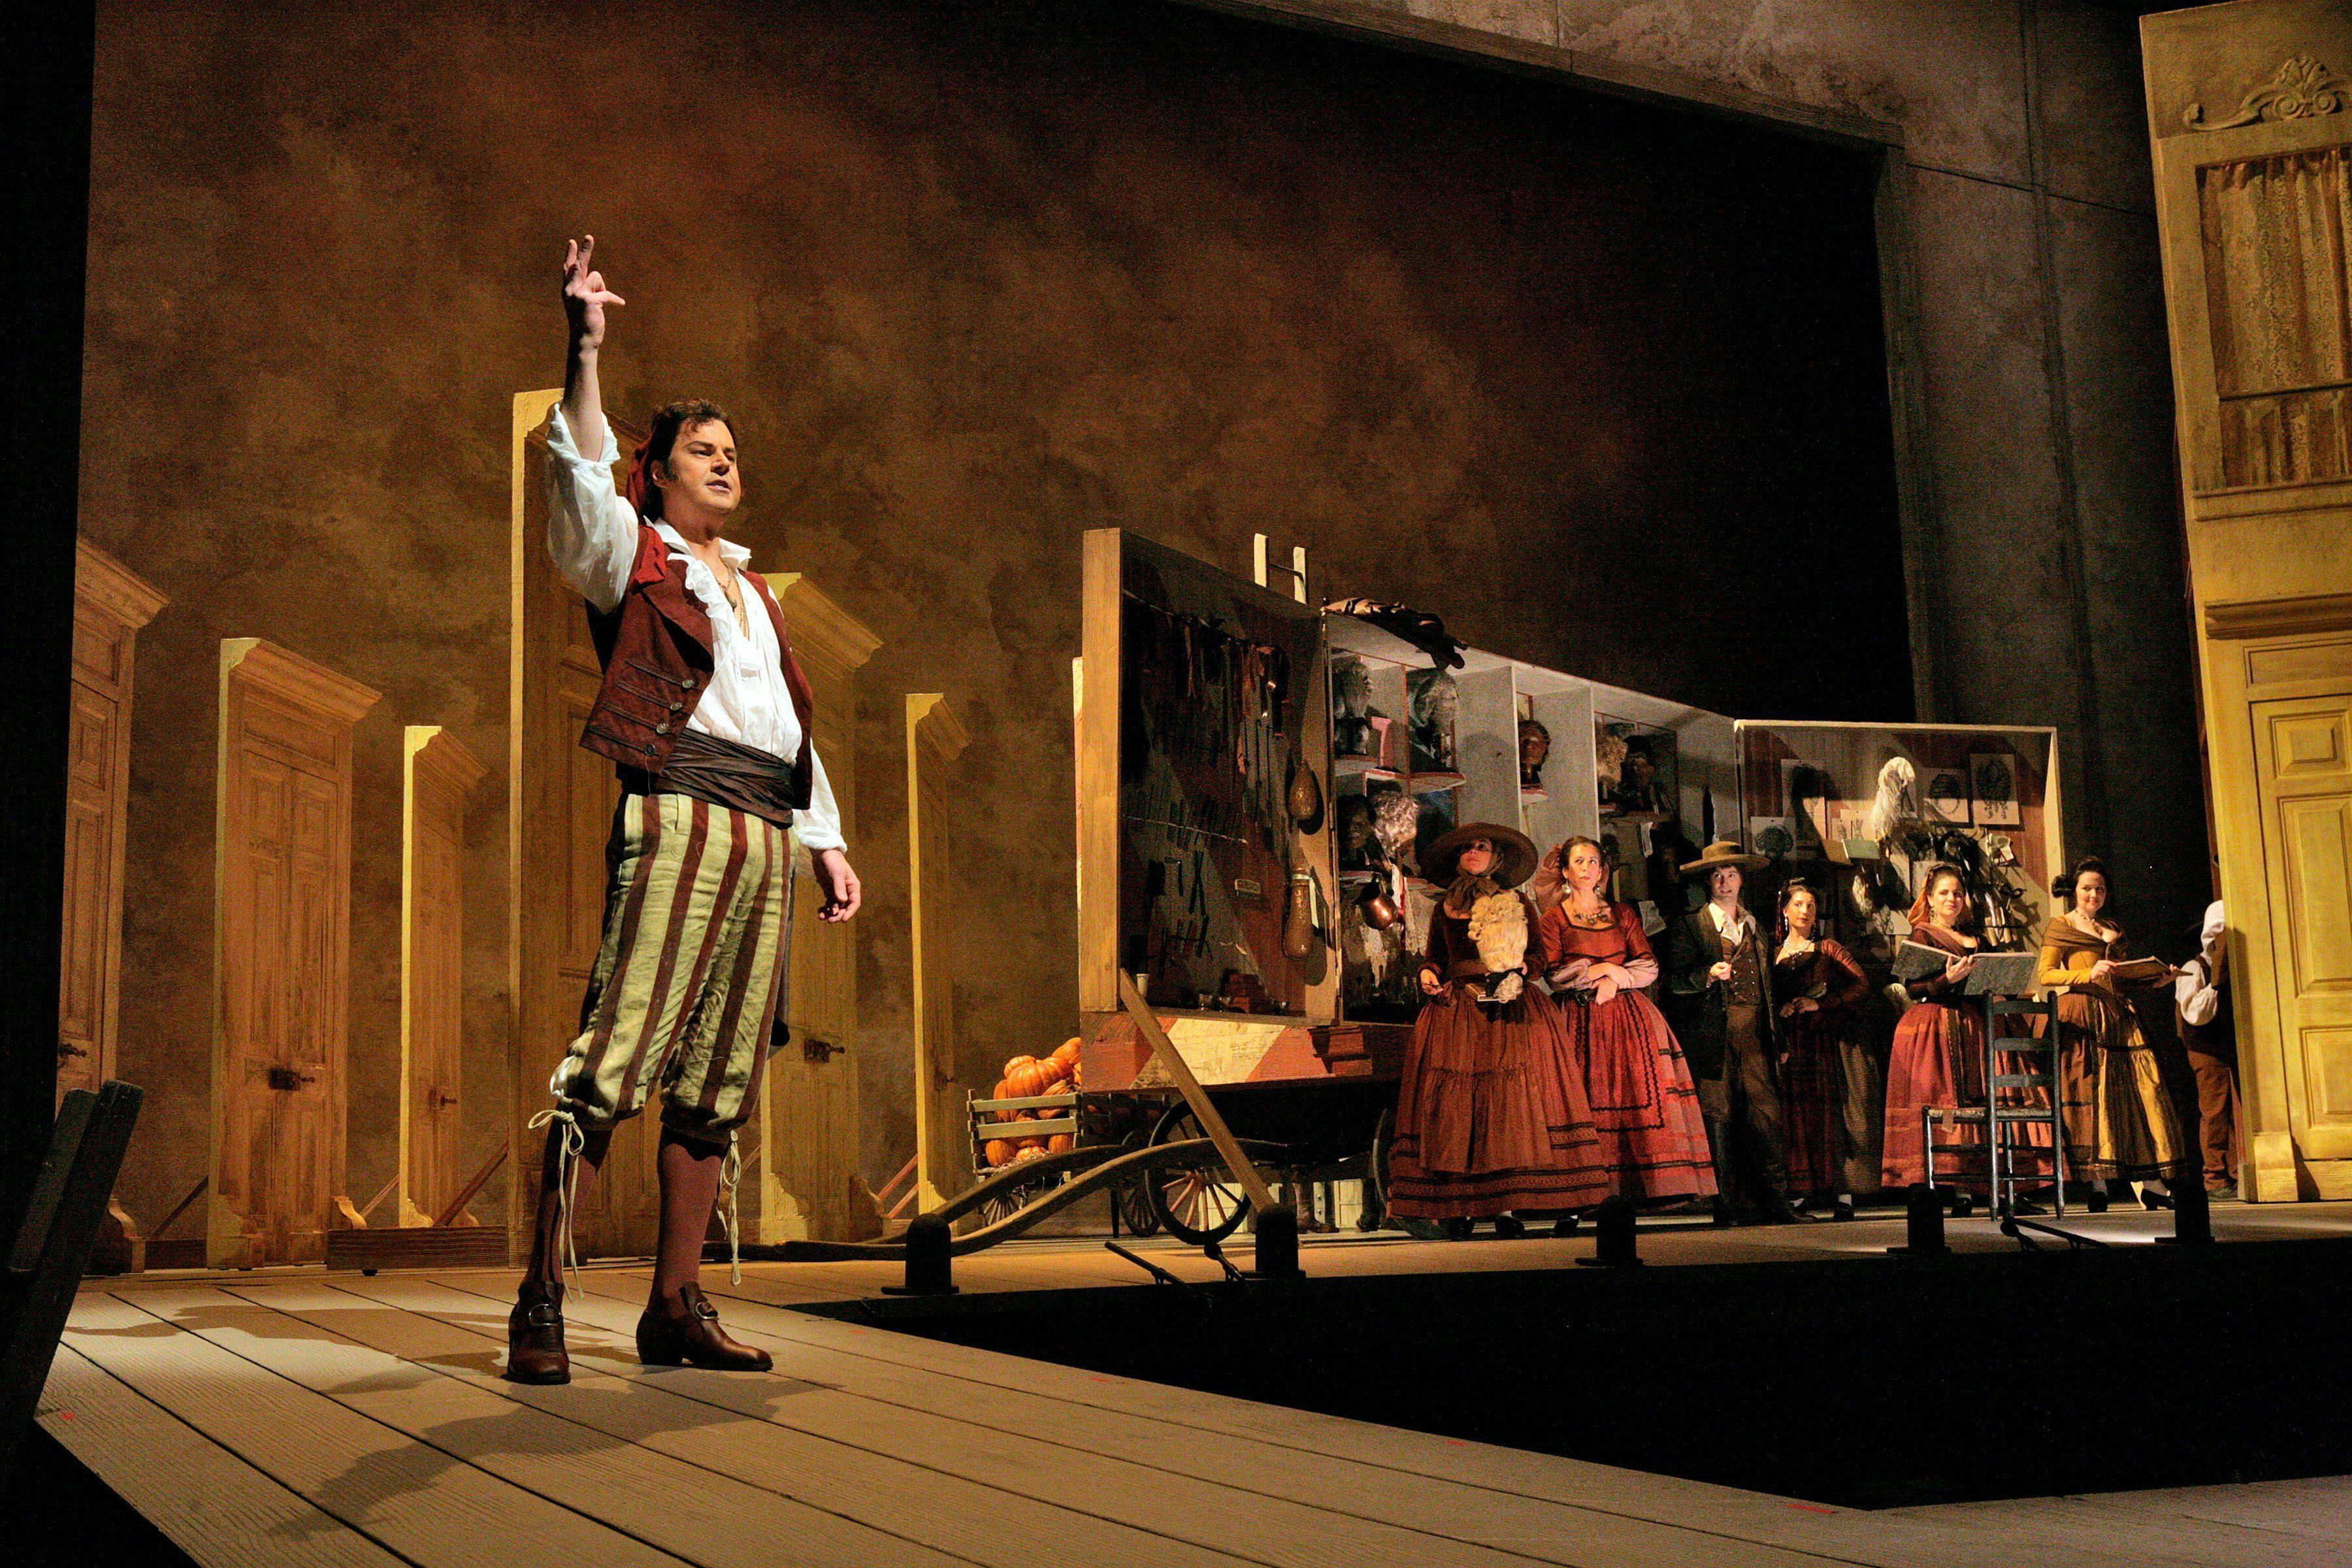 ¿De las siguientes óperas de G. Rossini, cual está ambientada en España?